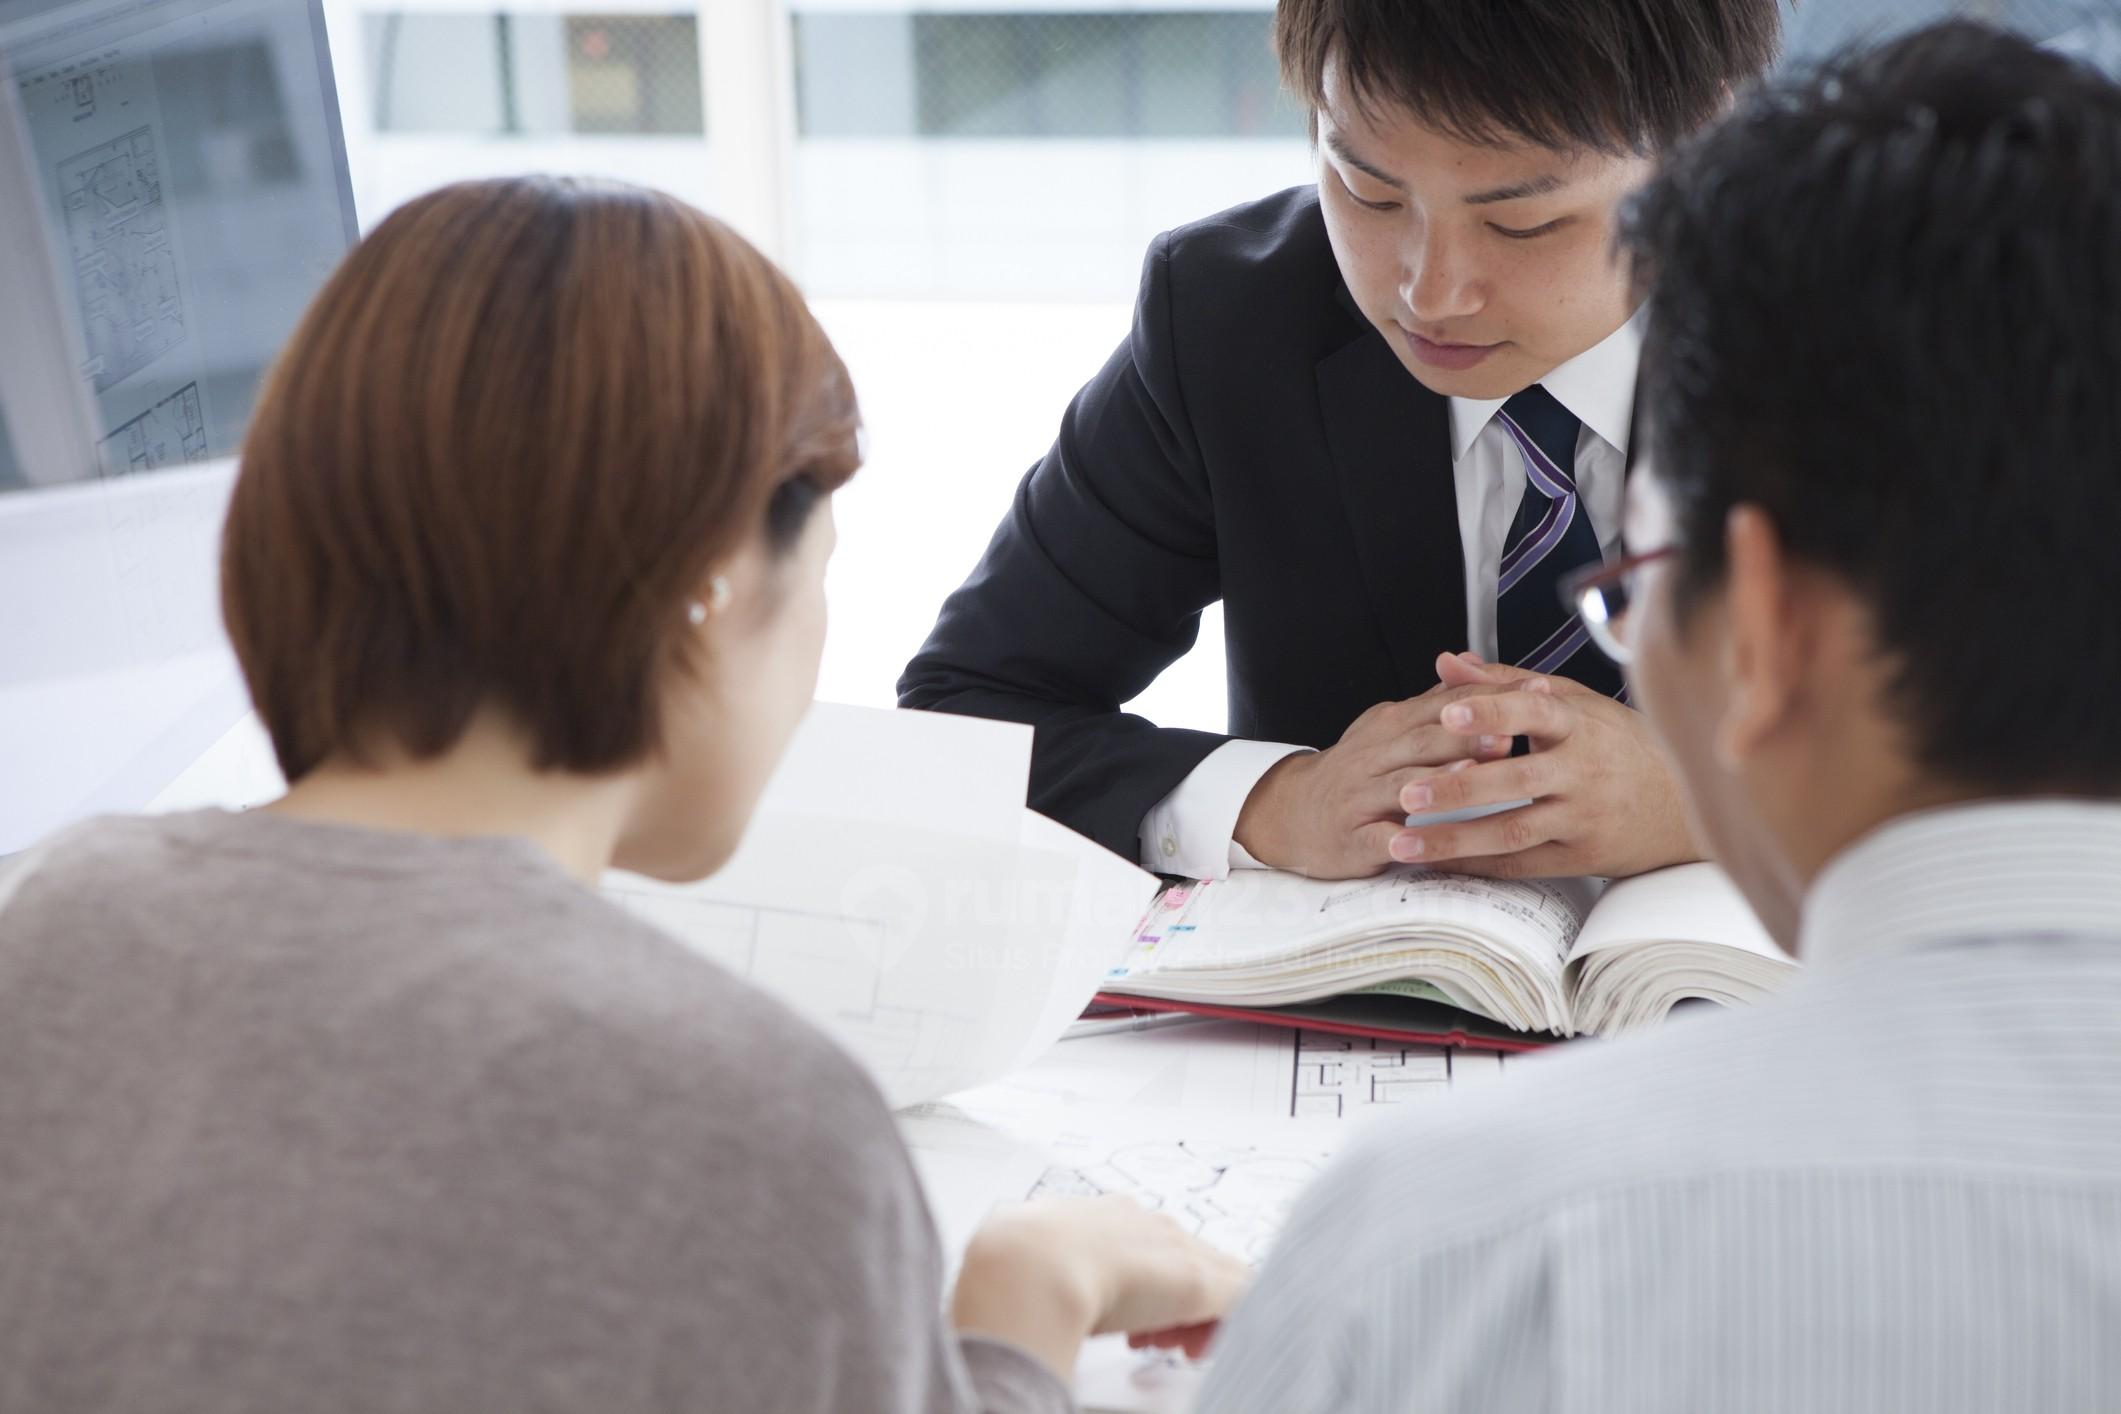 Seberapa Kuat Sih Kehadiran Surat Perjanjian Kontrak Rumah?